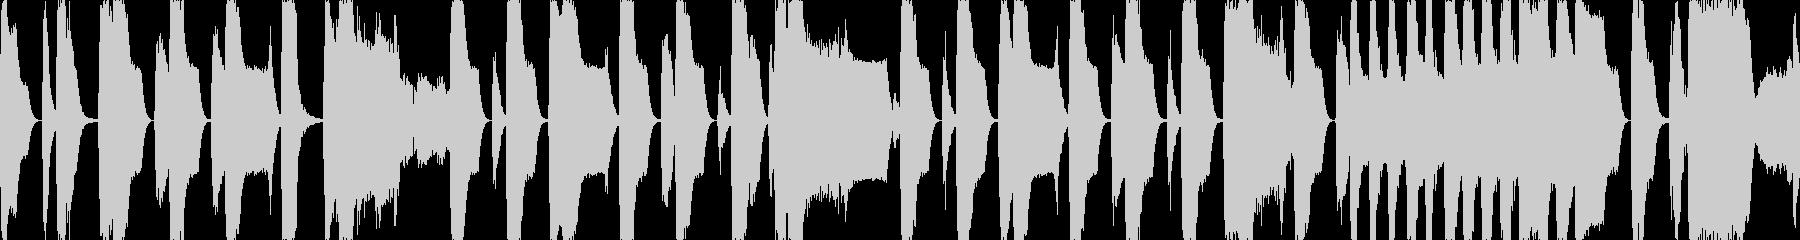 レトロなRPG風のBGMですの未再生の波形